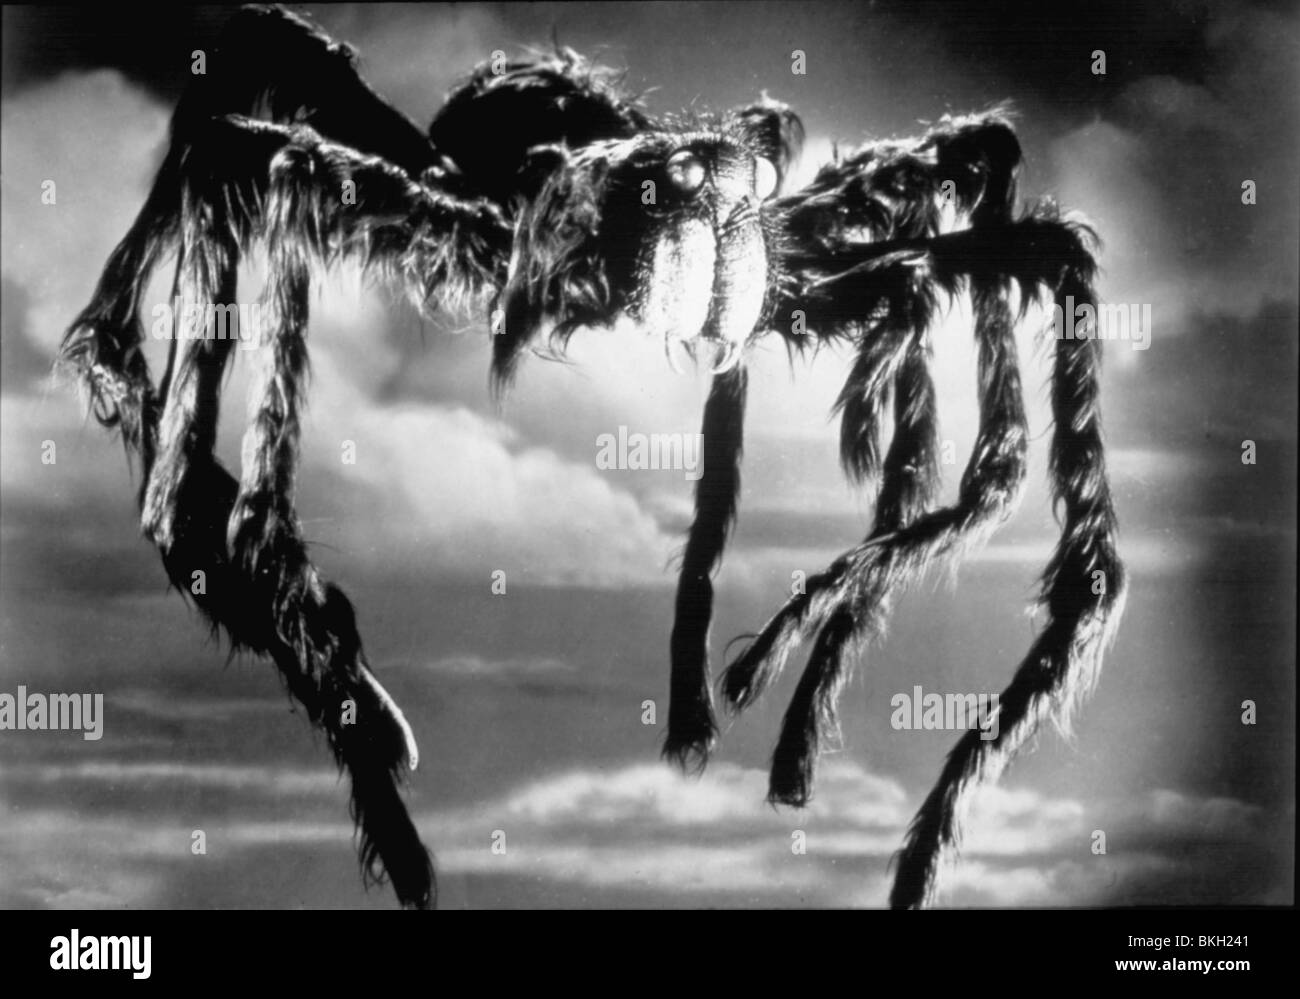 TARANTULA -1955 - Stock Image